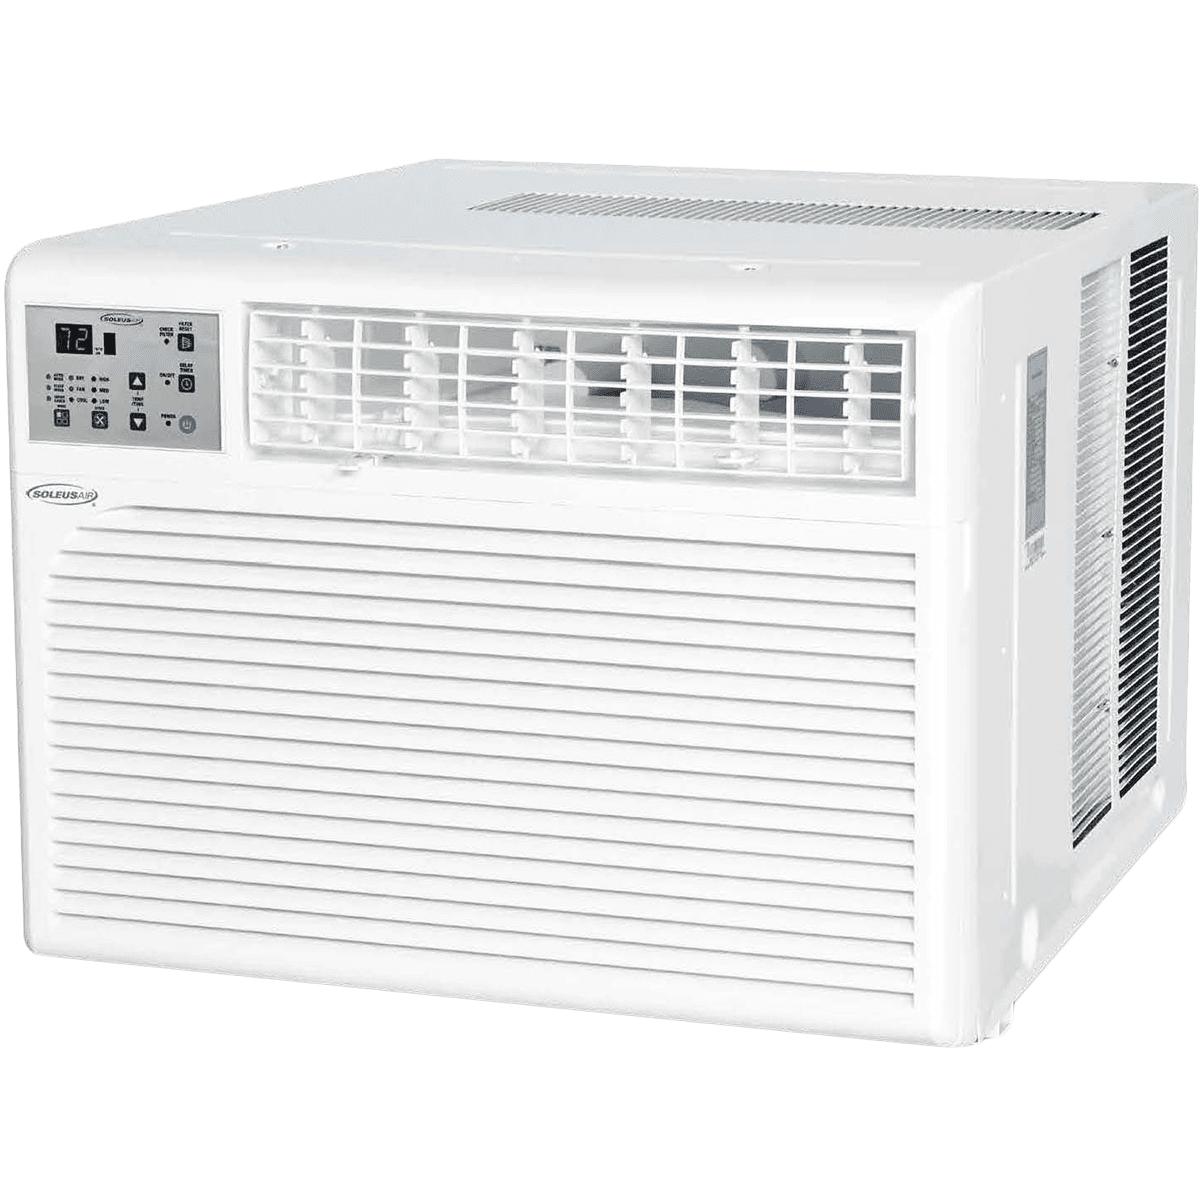 Soleus Air 15,400 BTU Window Air Conditioner WS-15E-01